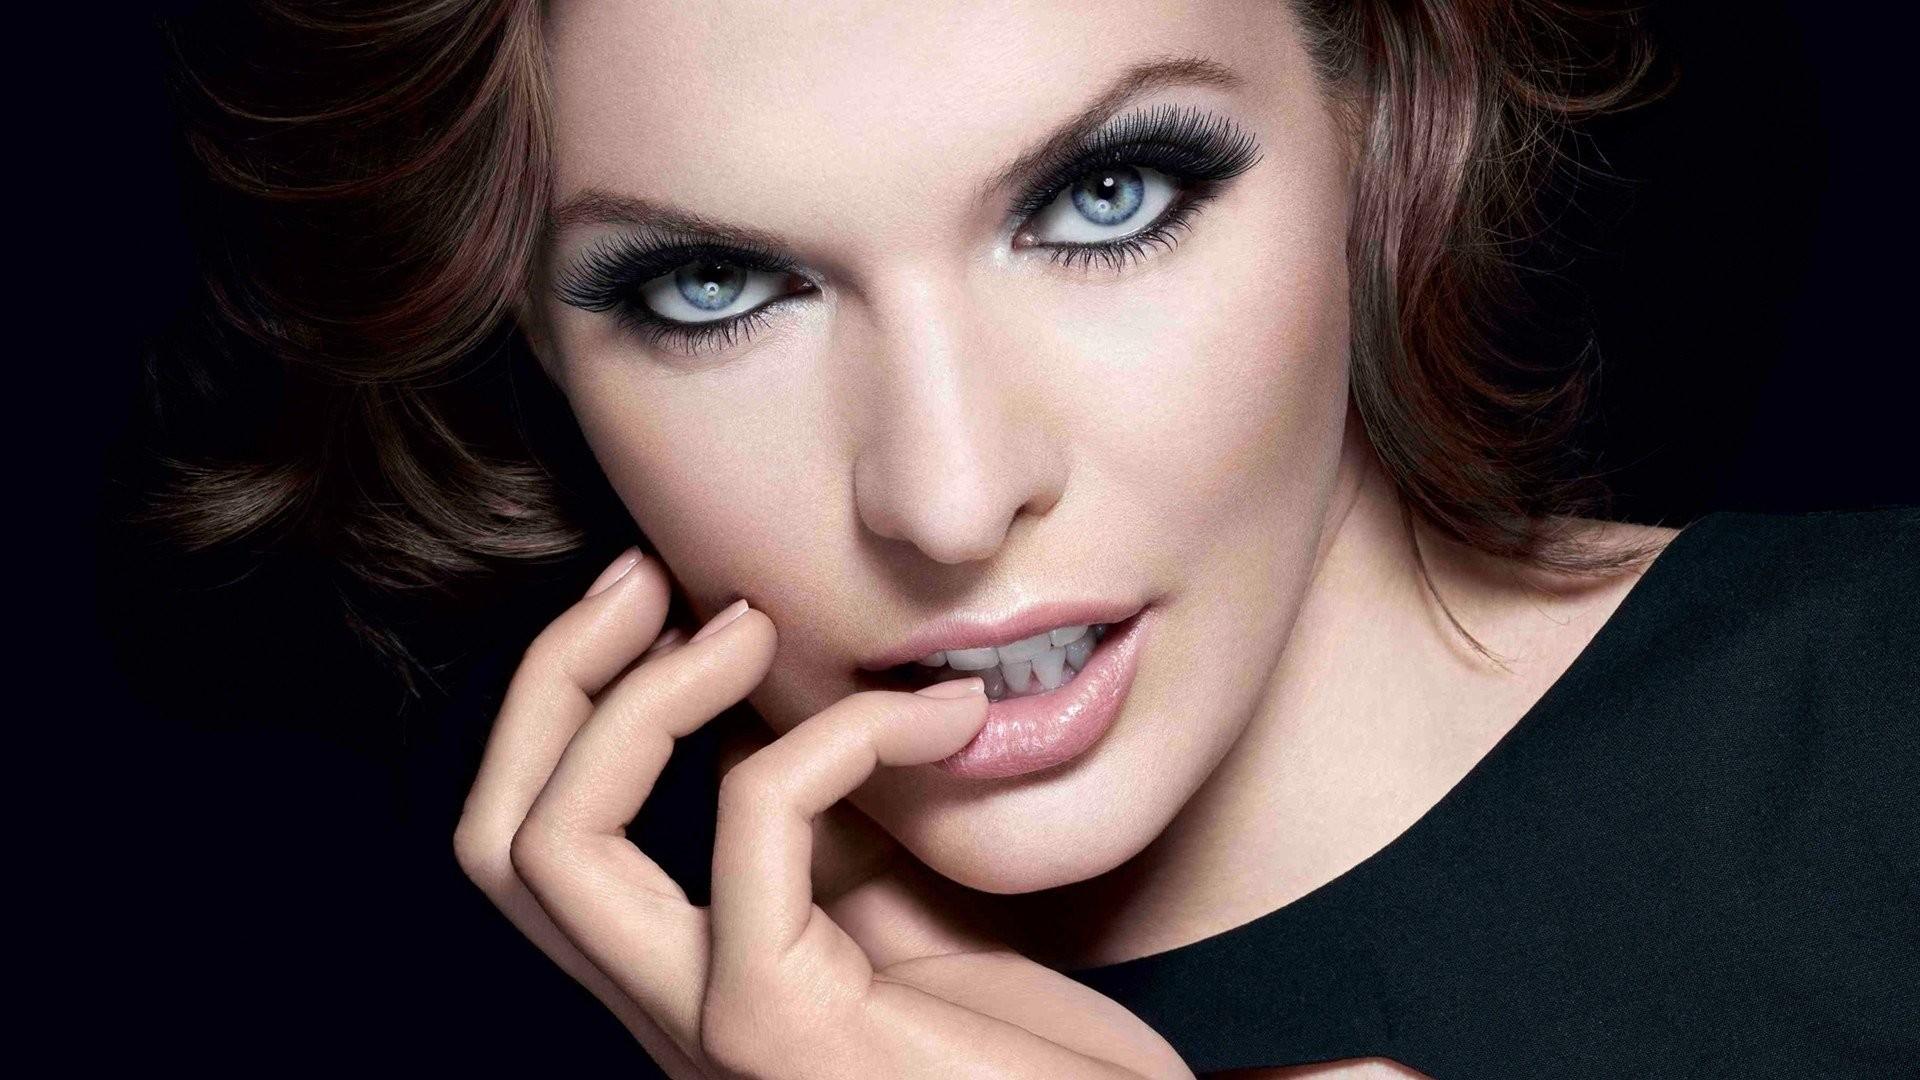 Celebrity – Milla Jovovich Wallpaper